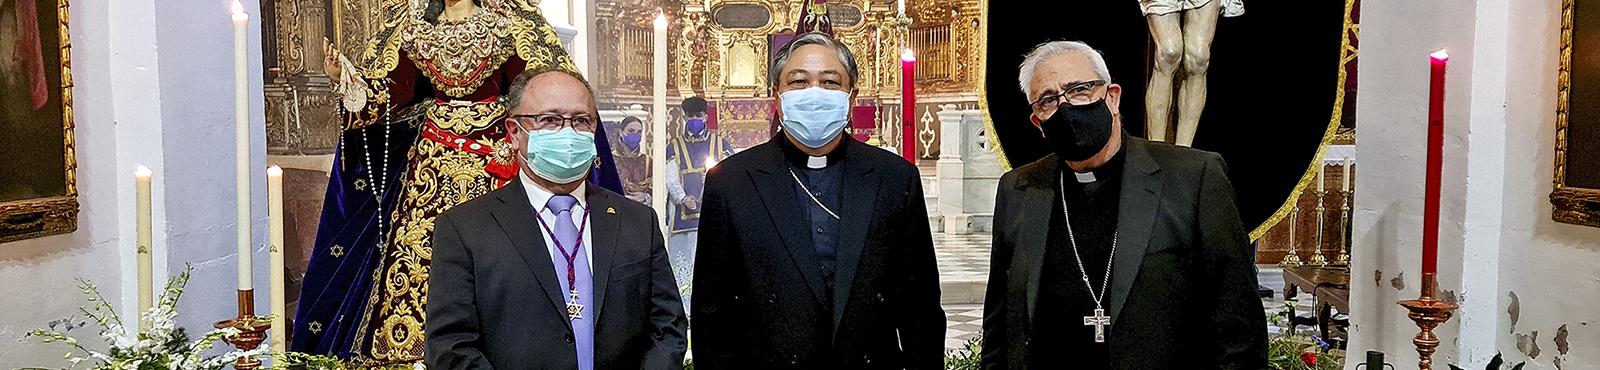 El Nuncio de Su Santidad el Papa y el alcalde de Granada suben a la Abadía el Miércoles Santo